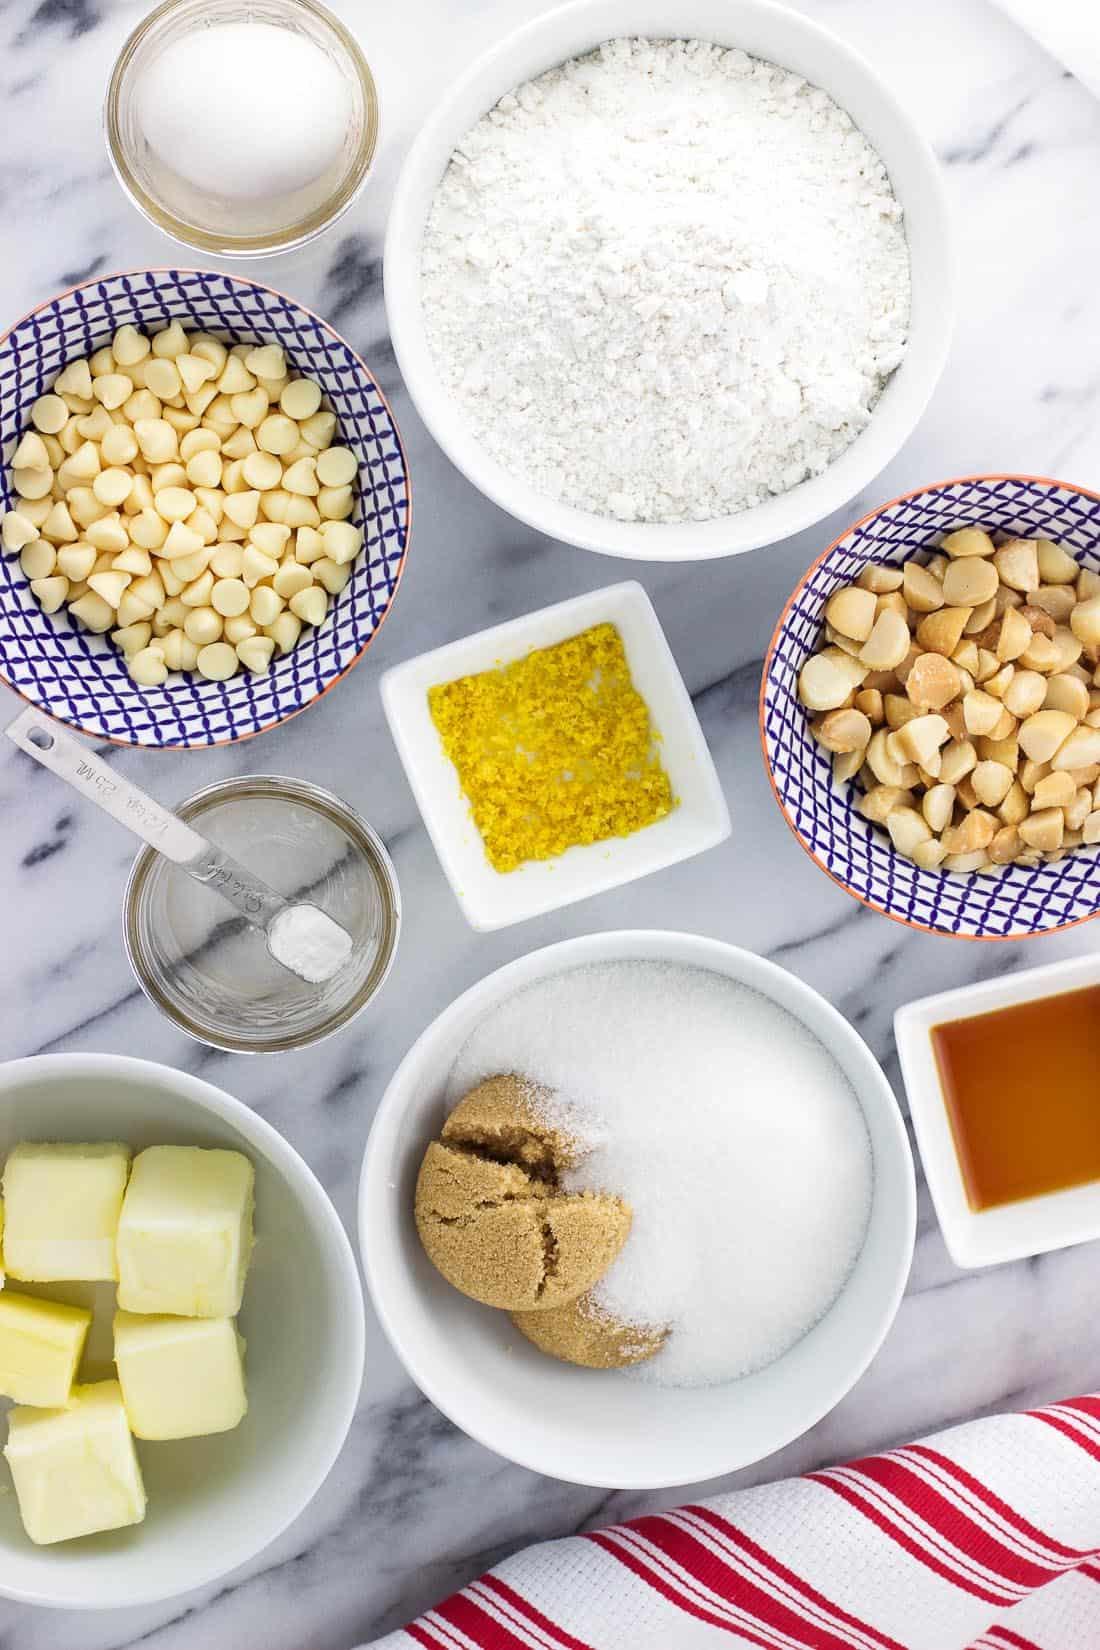 Bowls of cookie ingredients